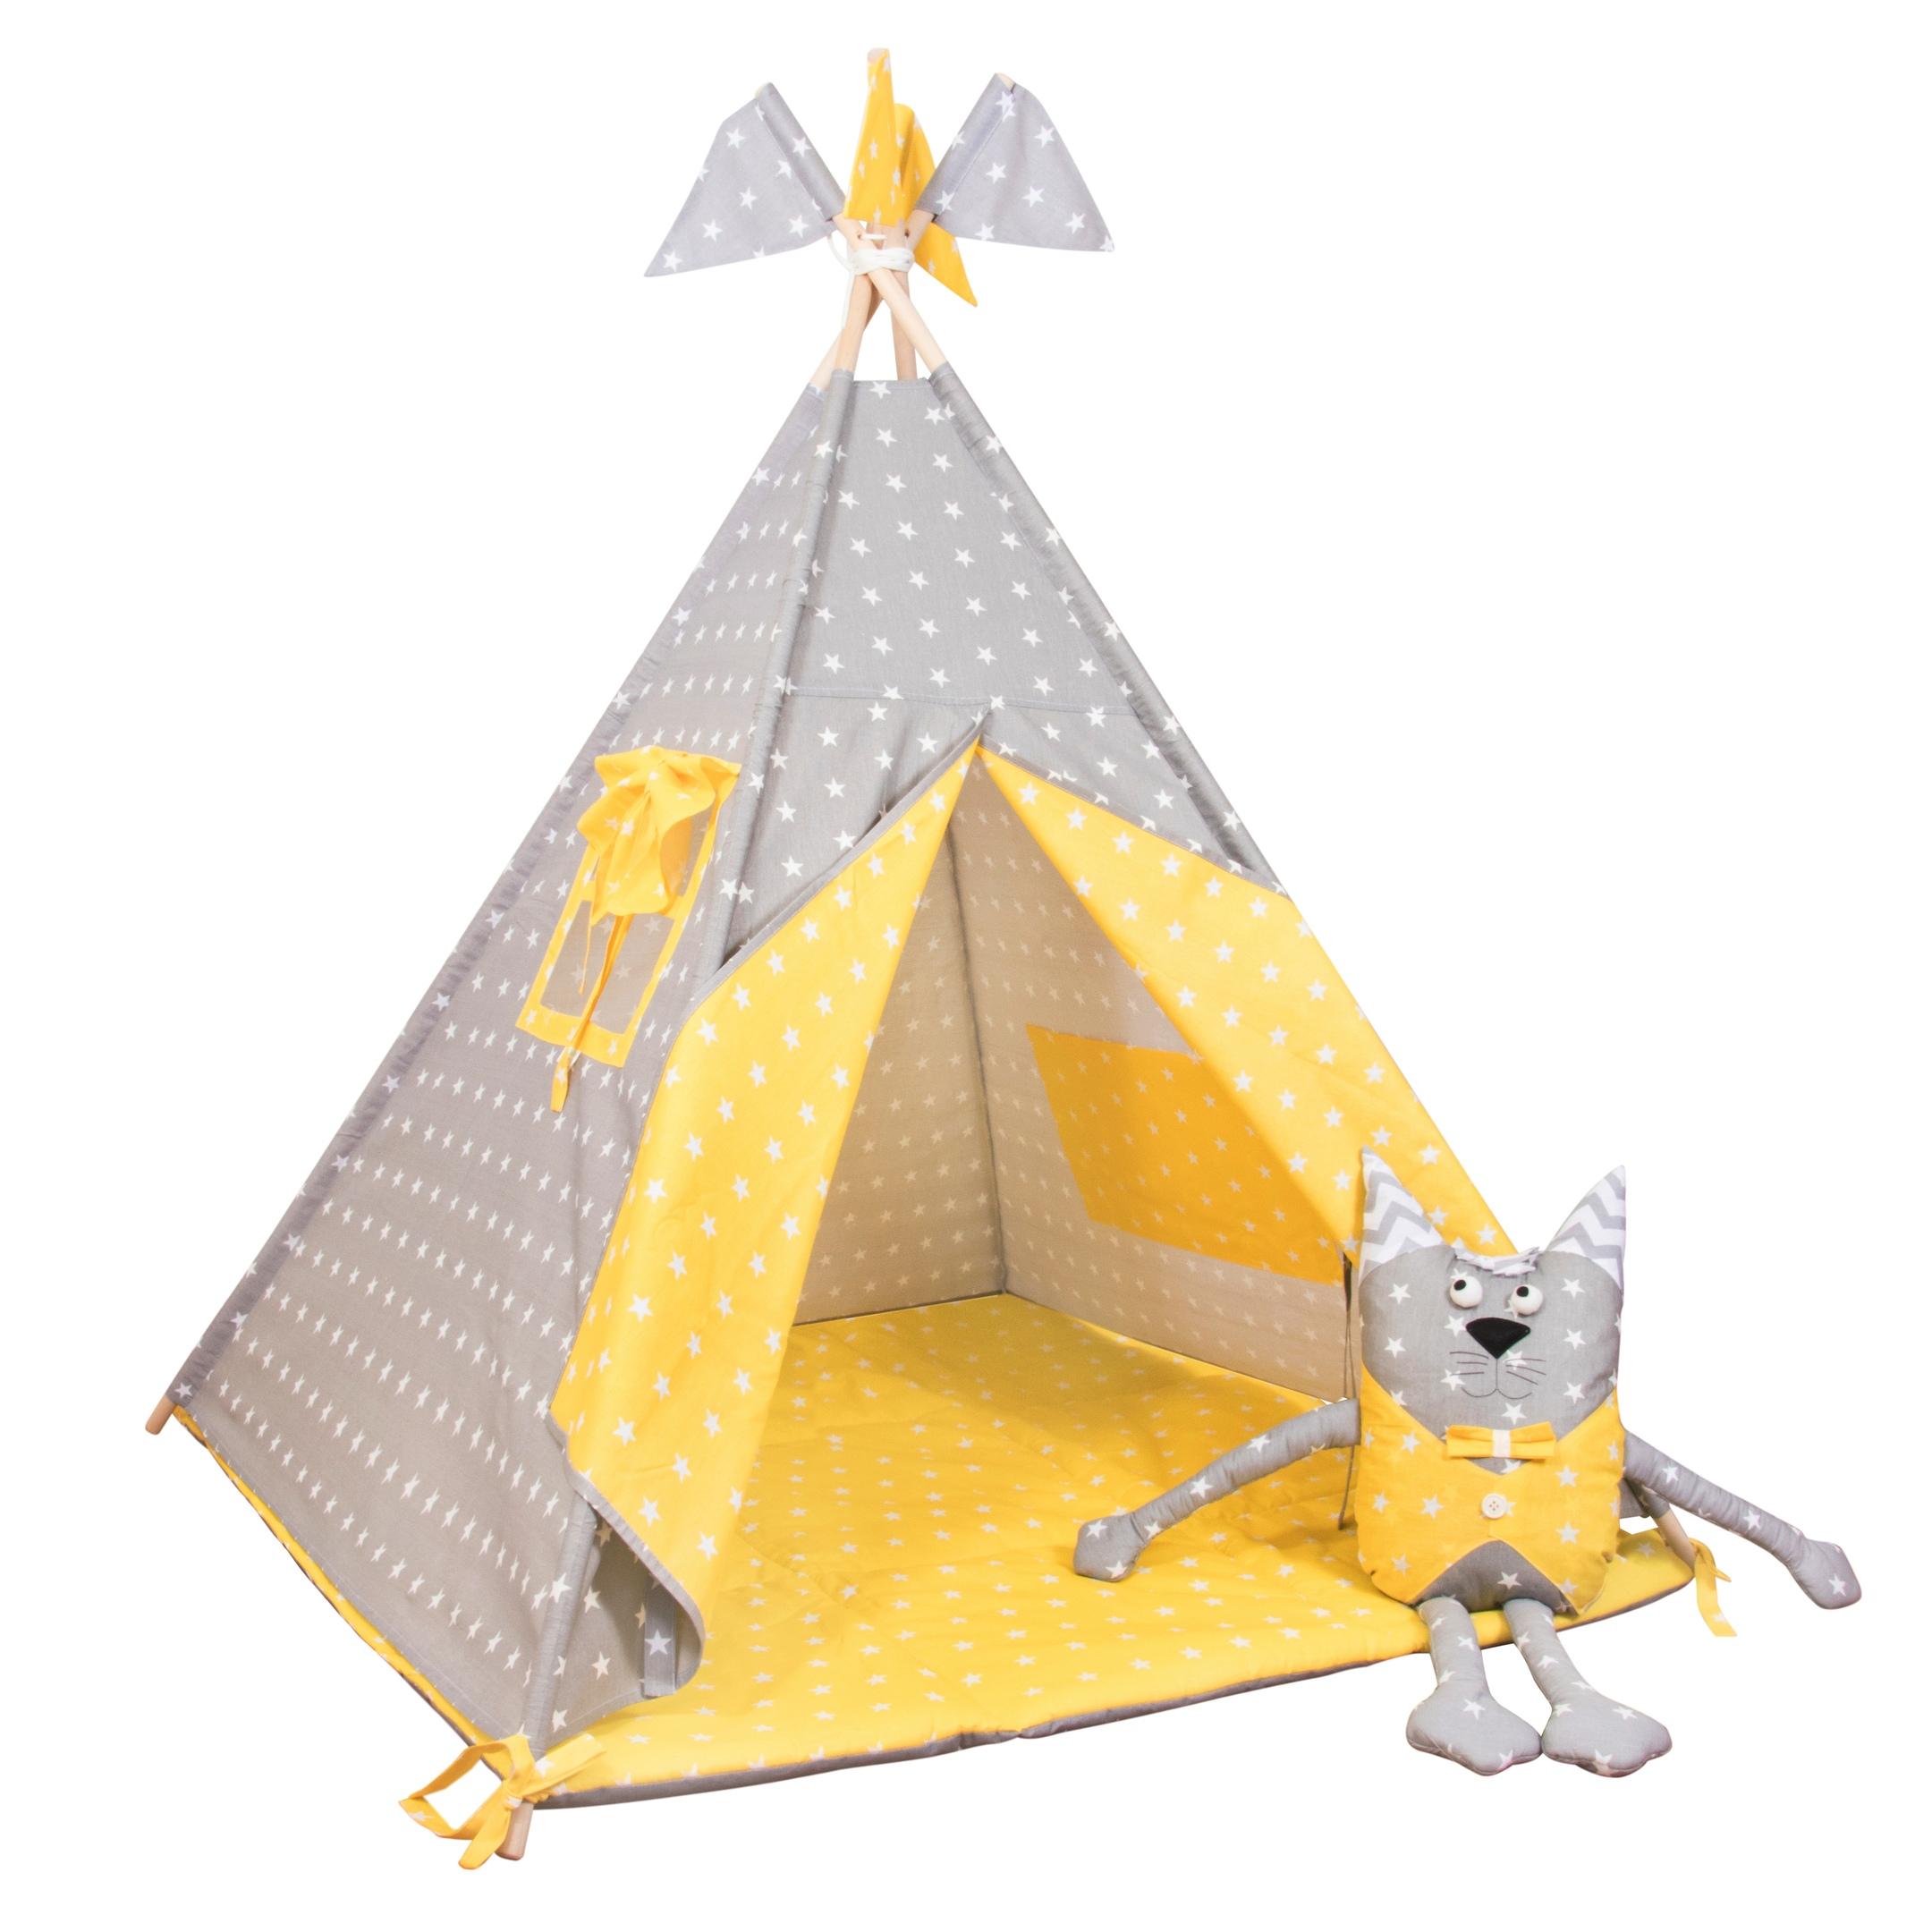 Детский вигвам ВИГВАМиЯ Солнечный домик Базовый